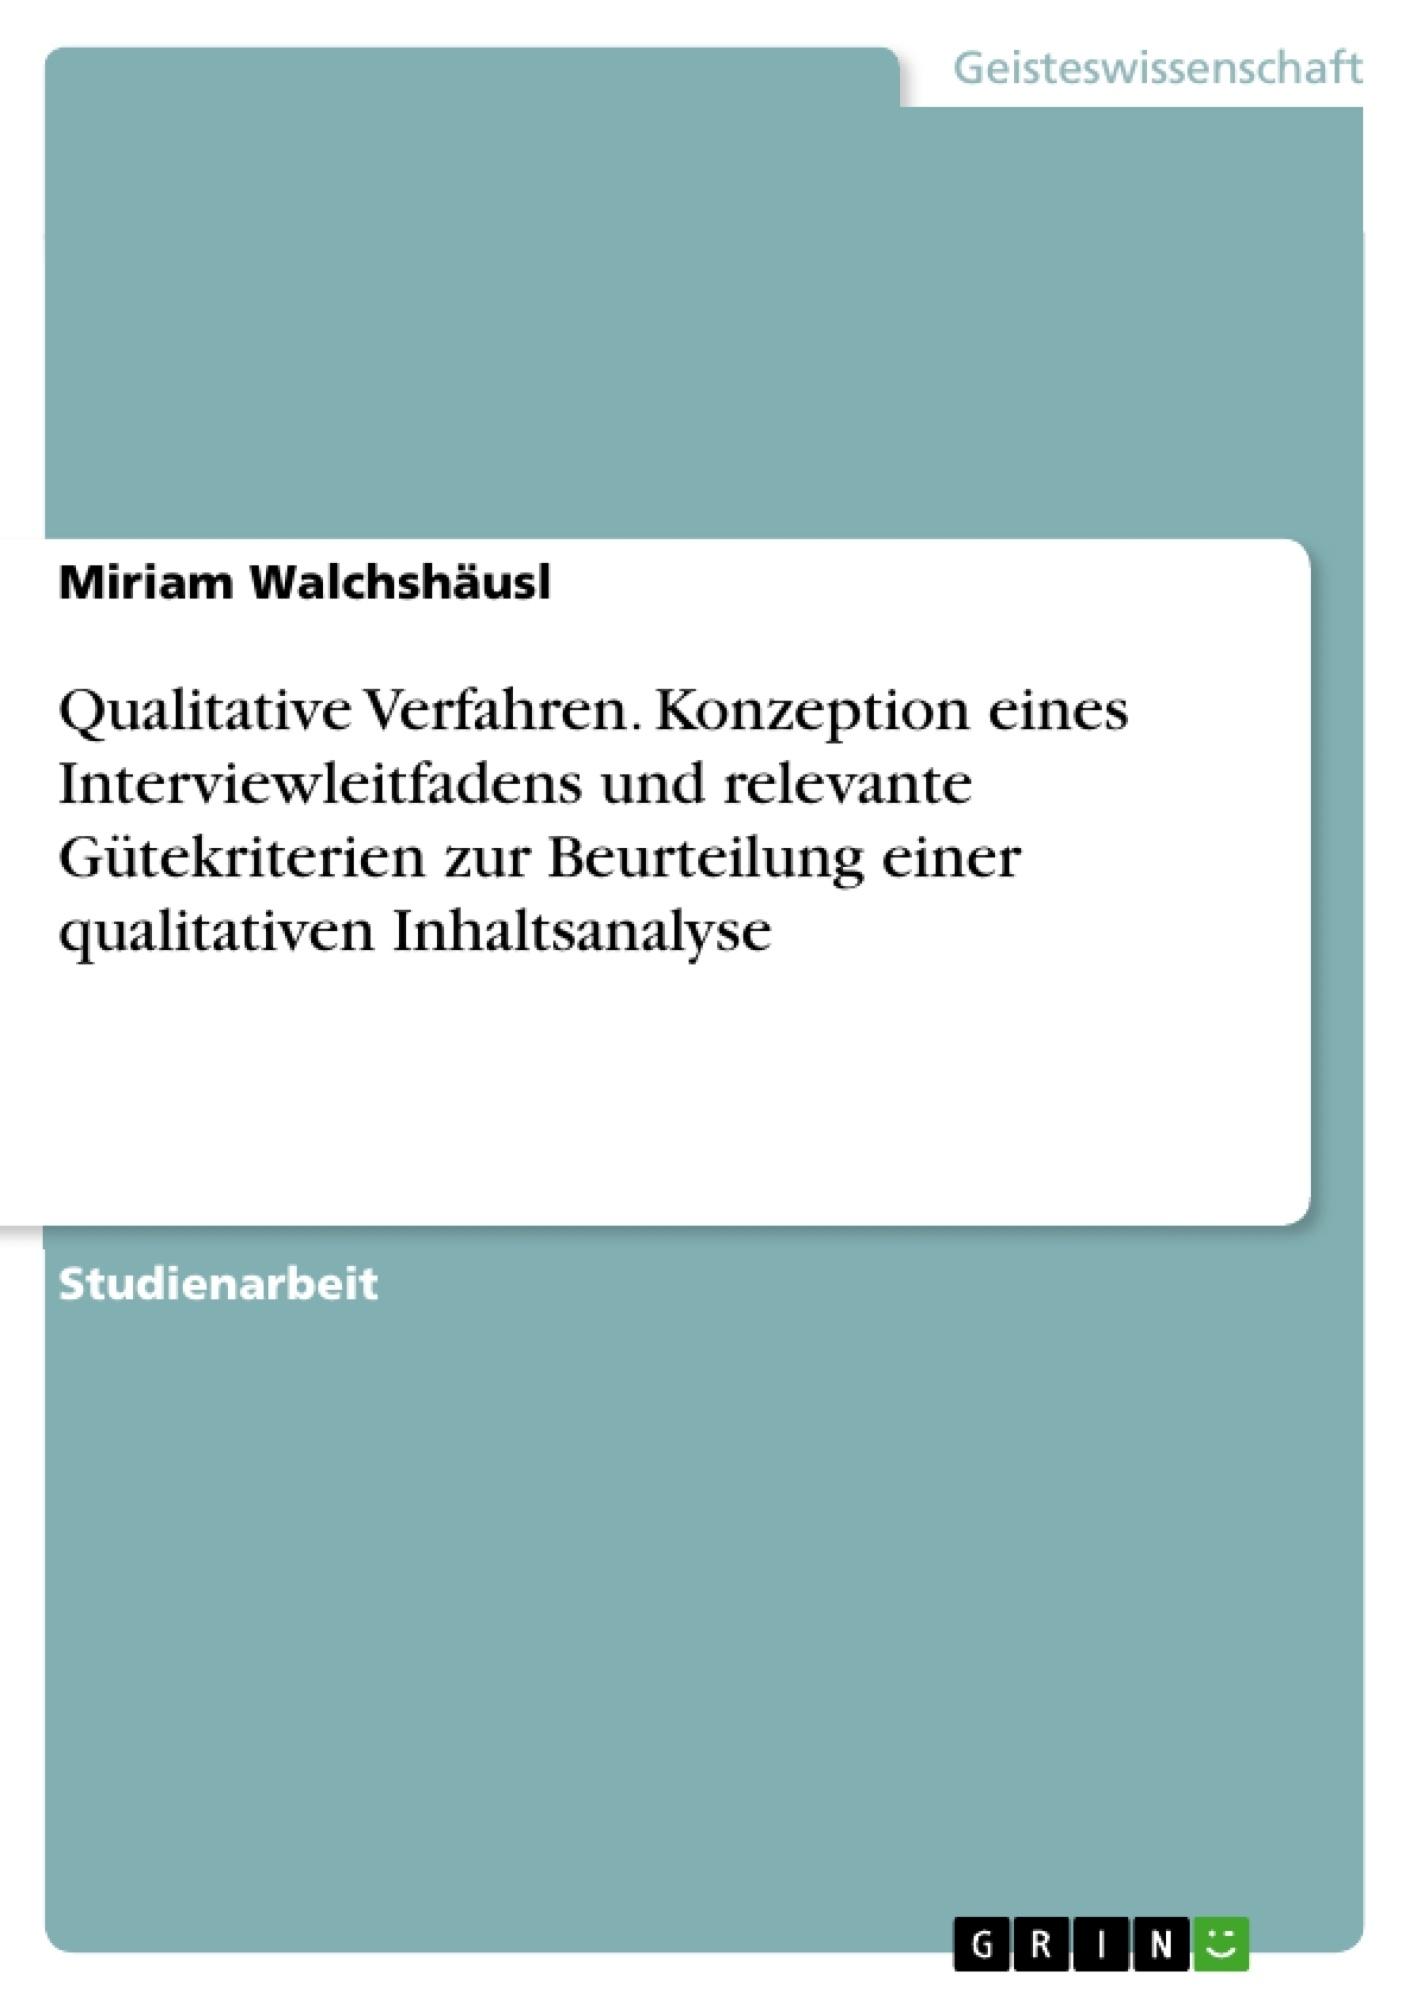 Titel: Qualitative Verfahren. Konzeption eines Interviewleitfadens und relevante Gütekriterien zur Beurteilung einer qualitativen Inhaltsanalyse